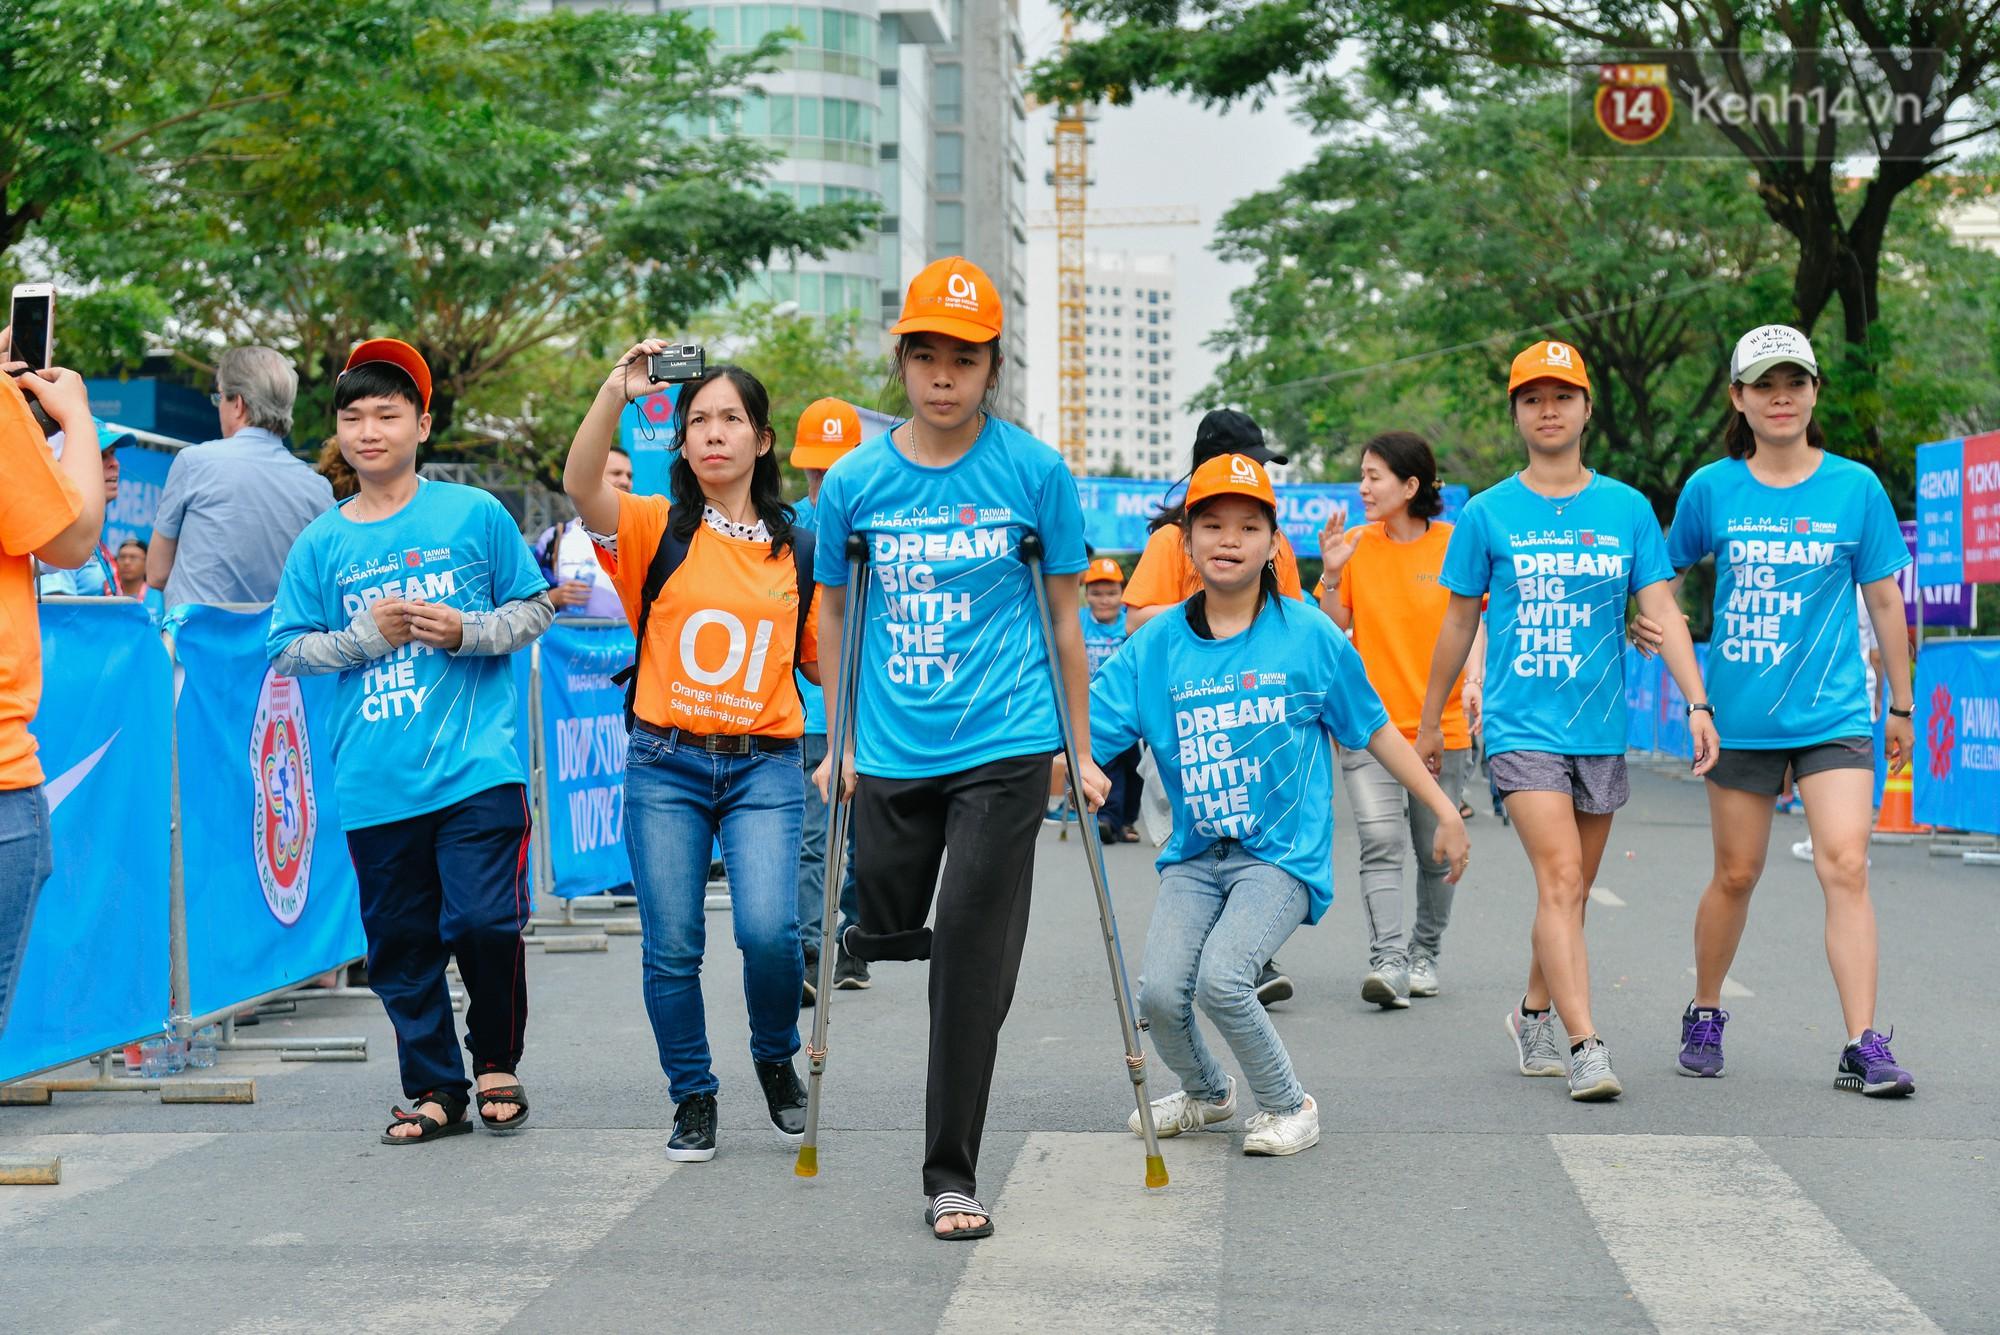 Đường đua 5km và câu chuyện vượt lên chính mình của những người khuyết tật ở Sài Gòn - Ảnh 1.